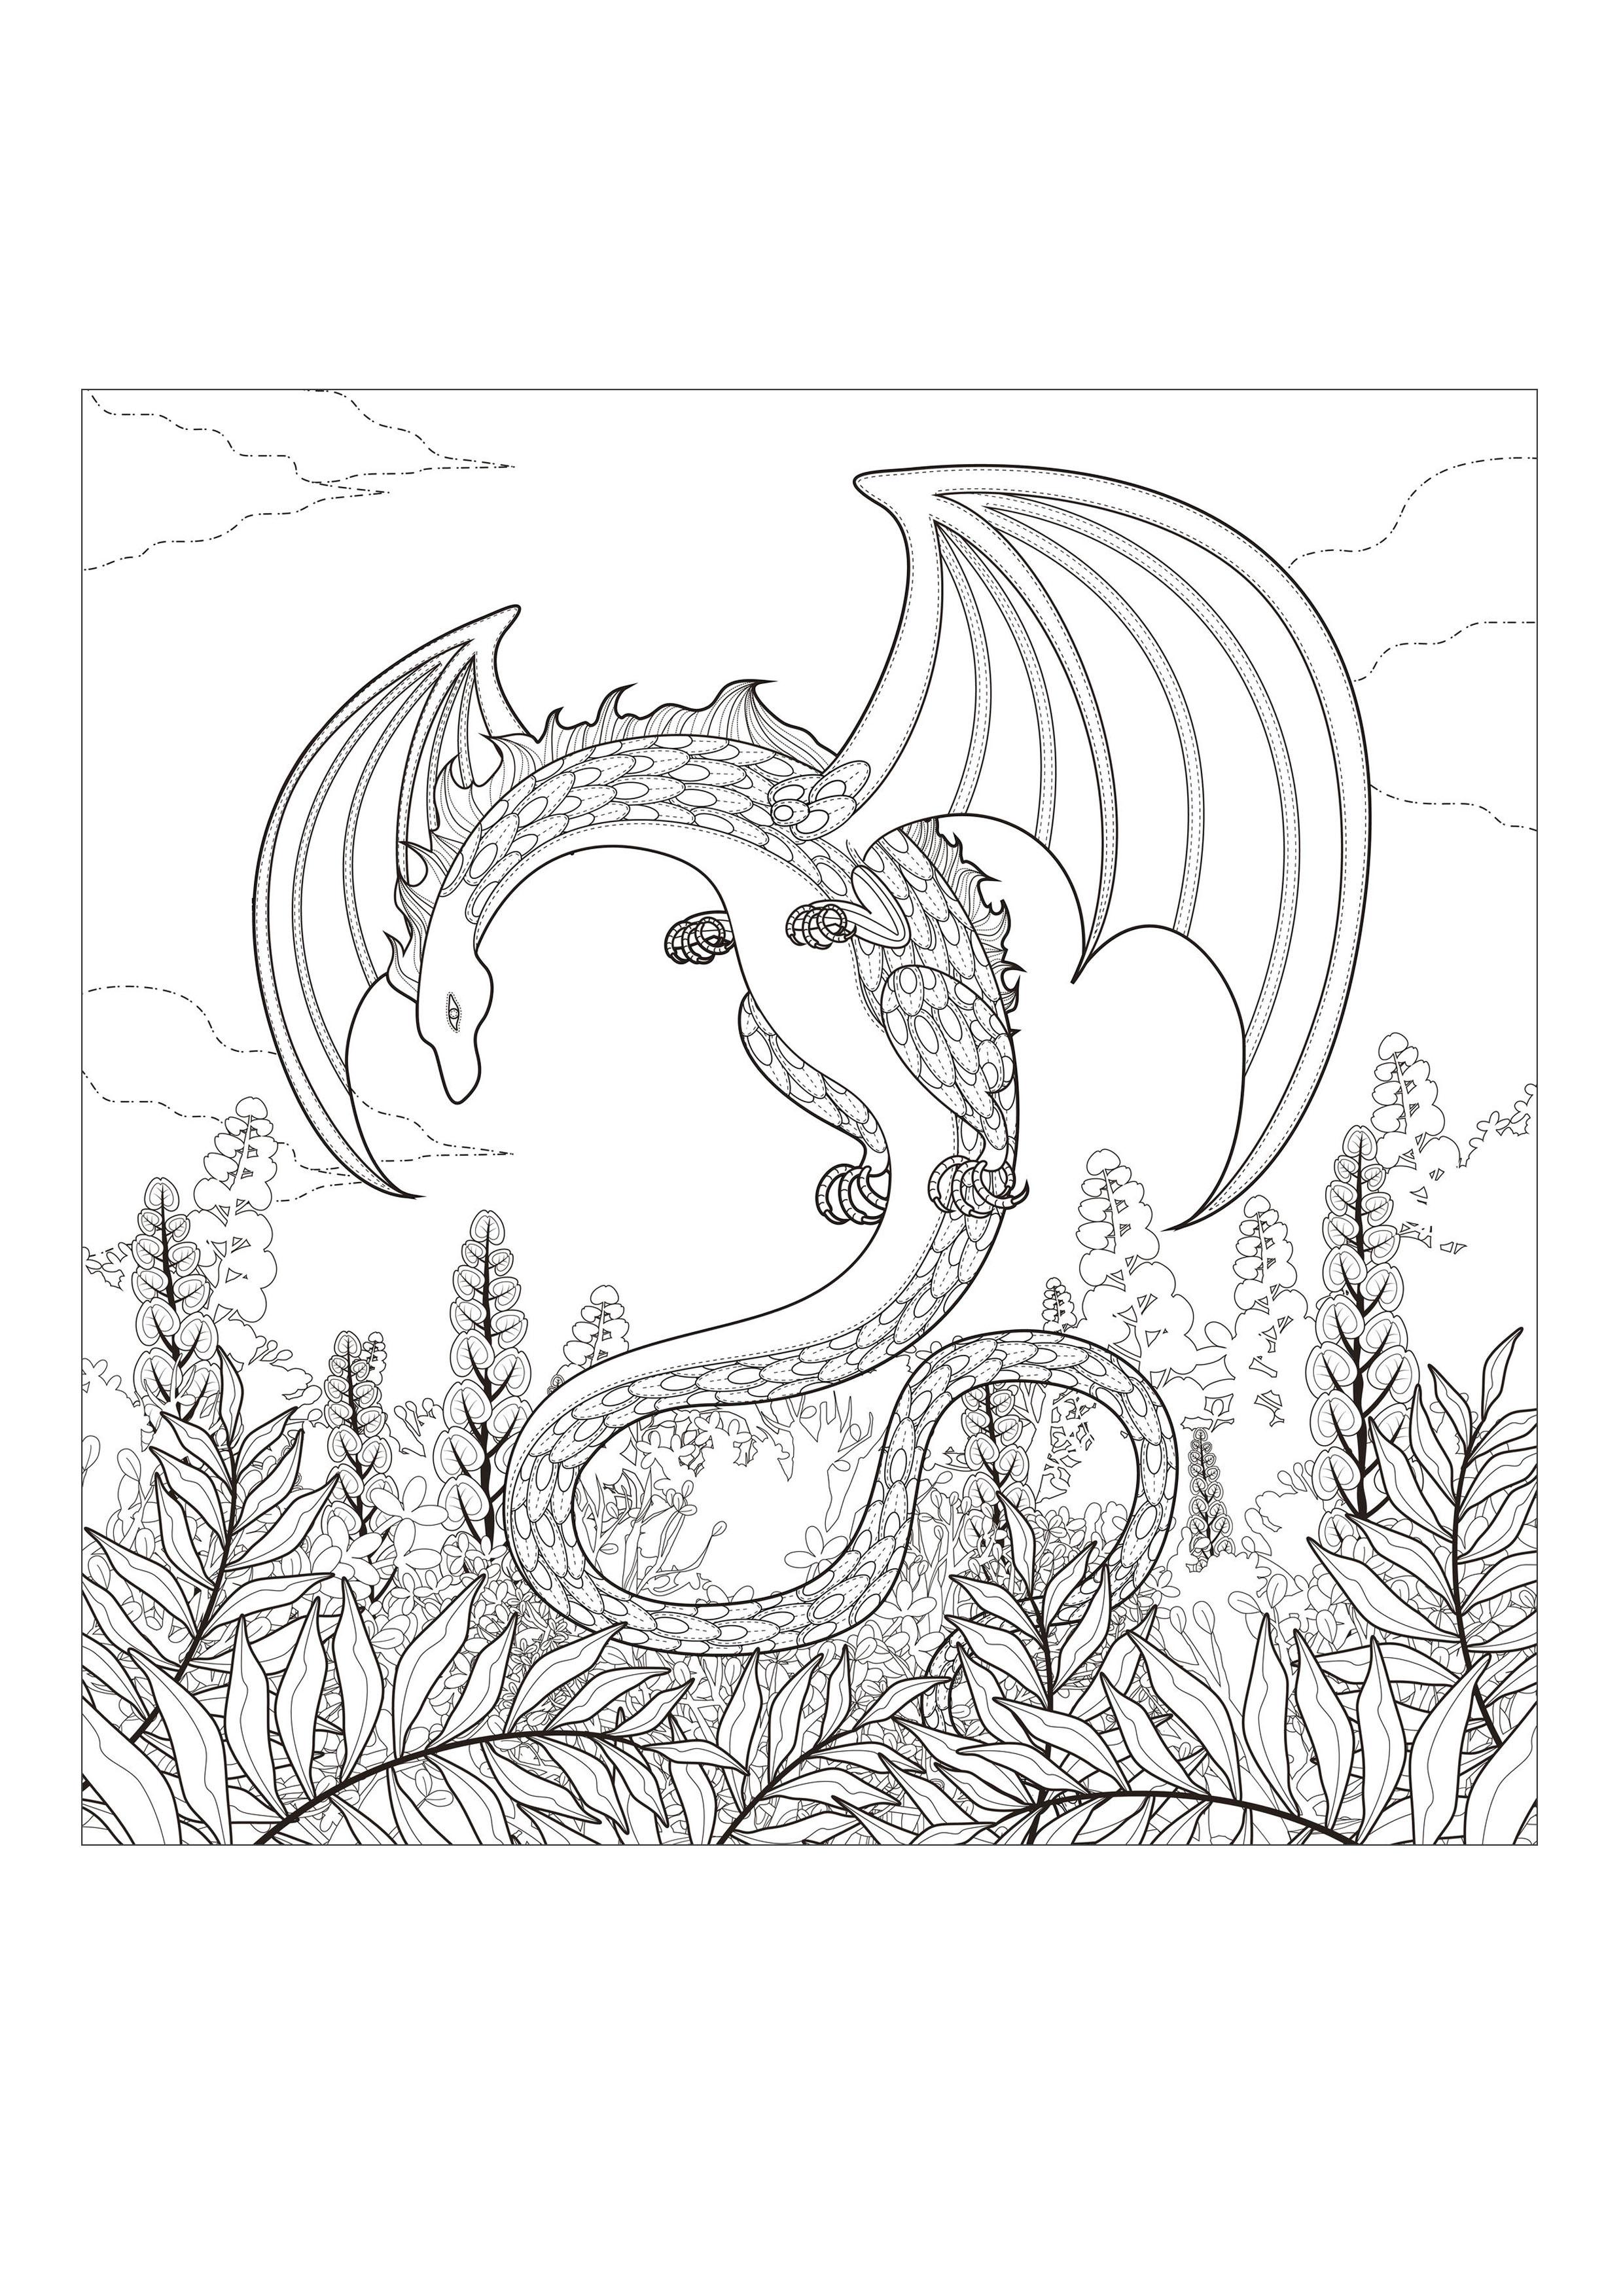 Coloriage Mandala Monstre.Monstre Dragon Dragons Coloriages Difficiles Pour Adultes